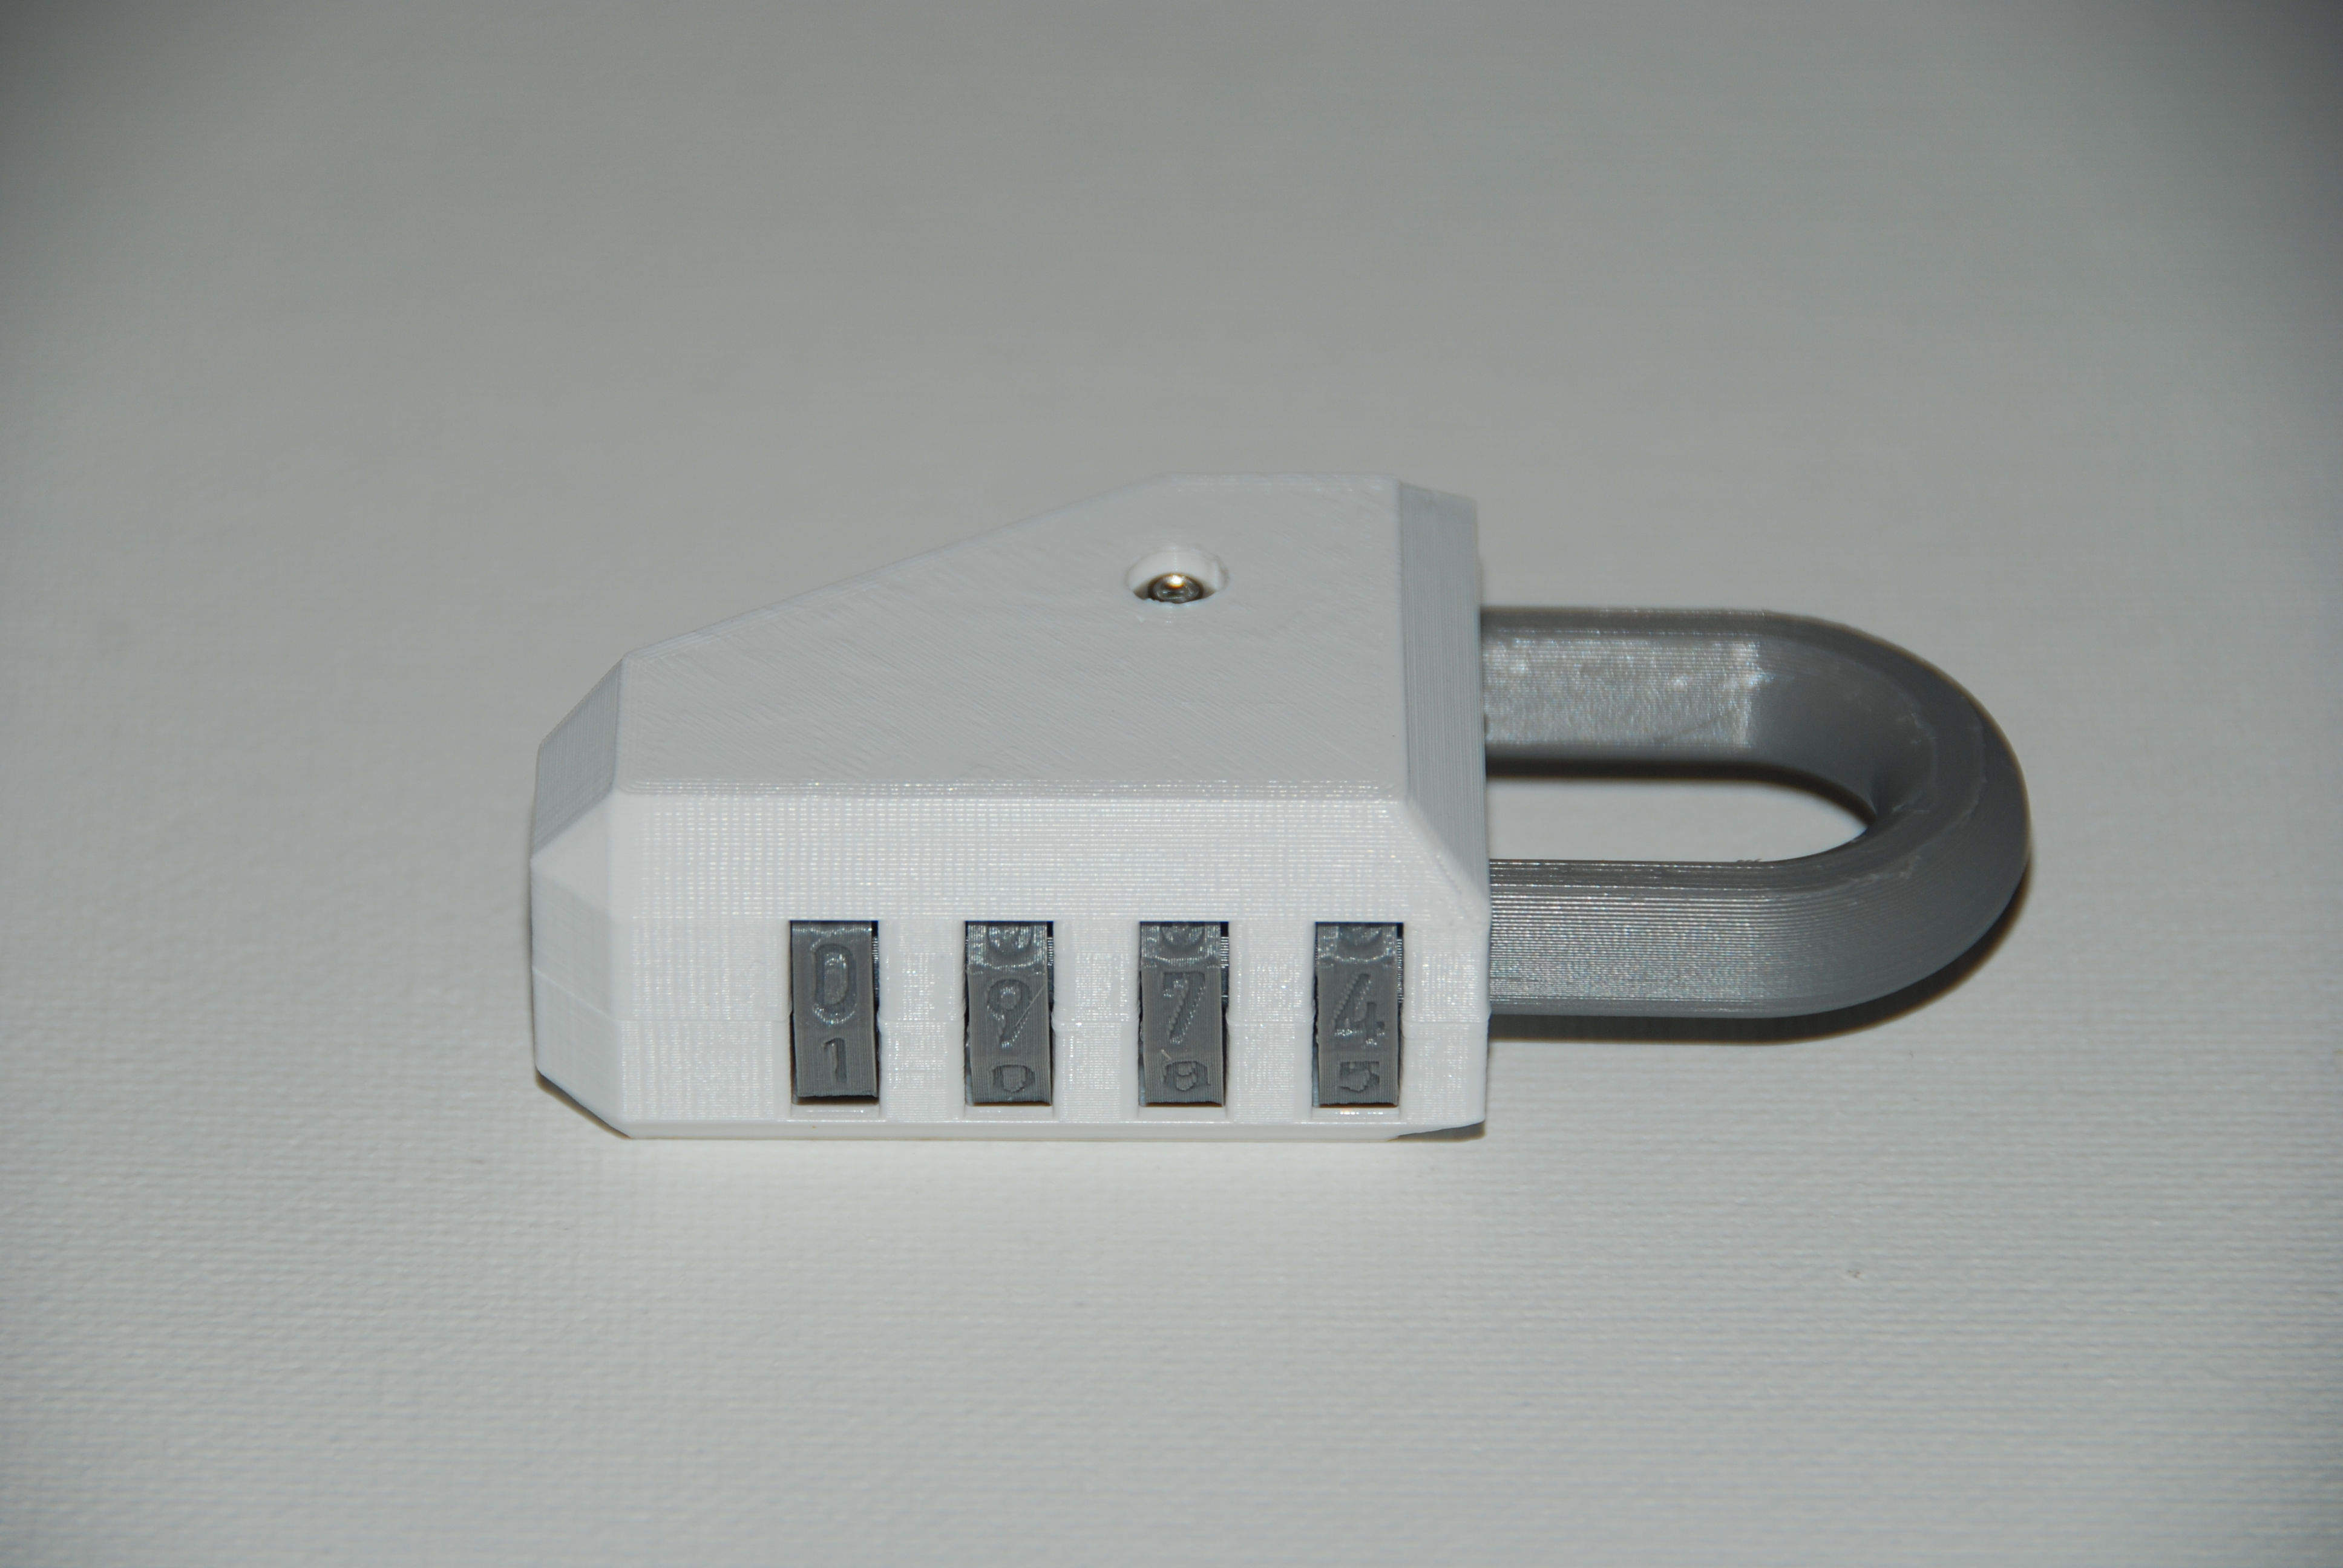 DSC_0738.JPG Télécharger fichier STL gratuit Kit de verrouillage de permutation personnalisable (verrouillage à combinaison) • Objet pour impression 3D, plasticpasta